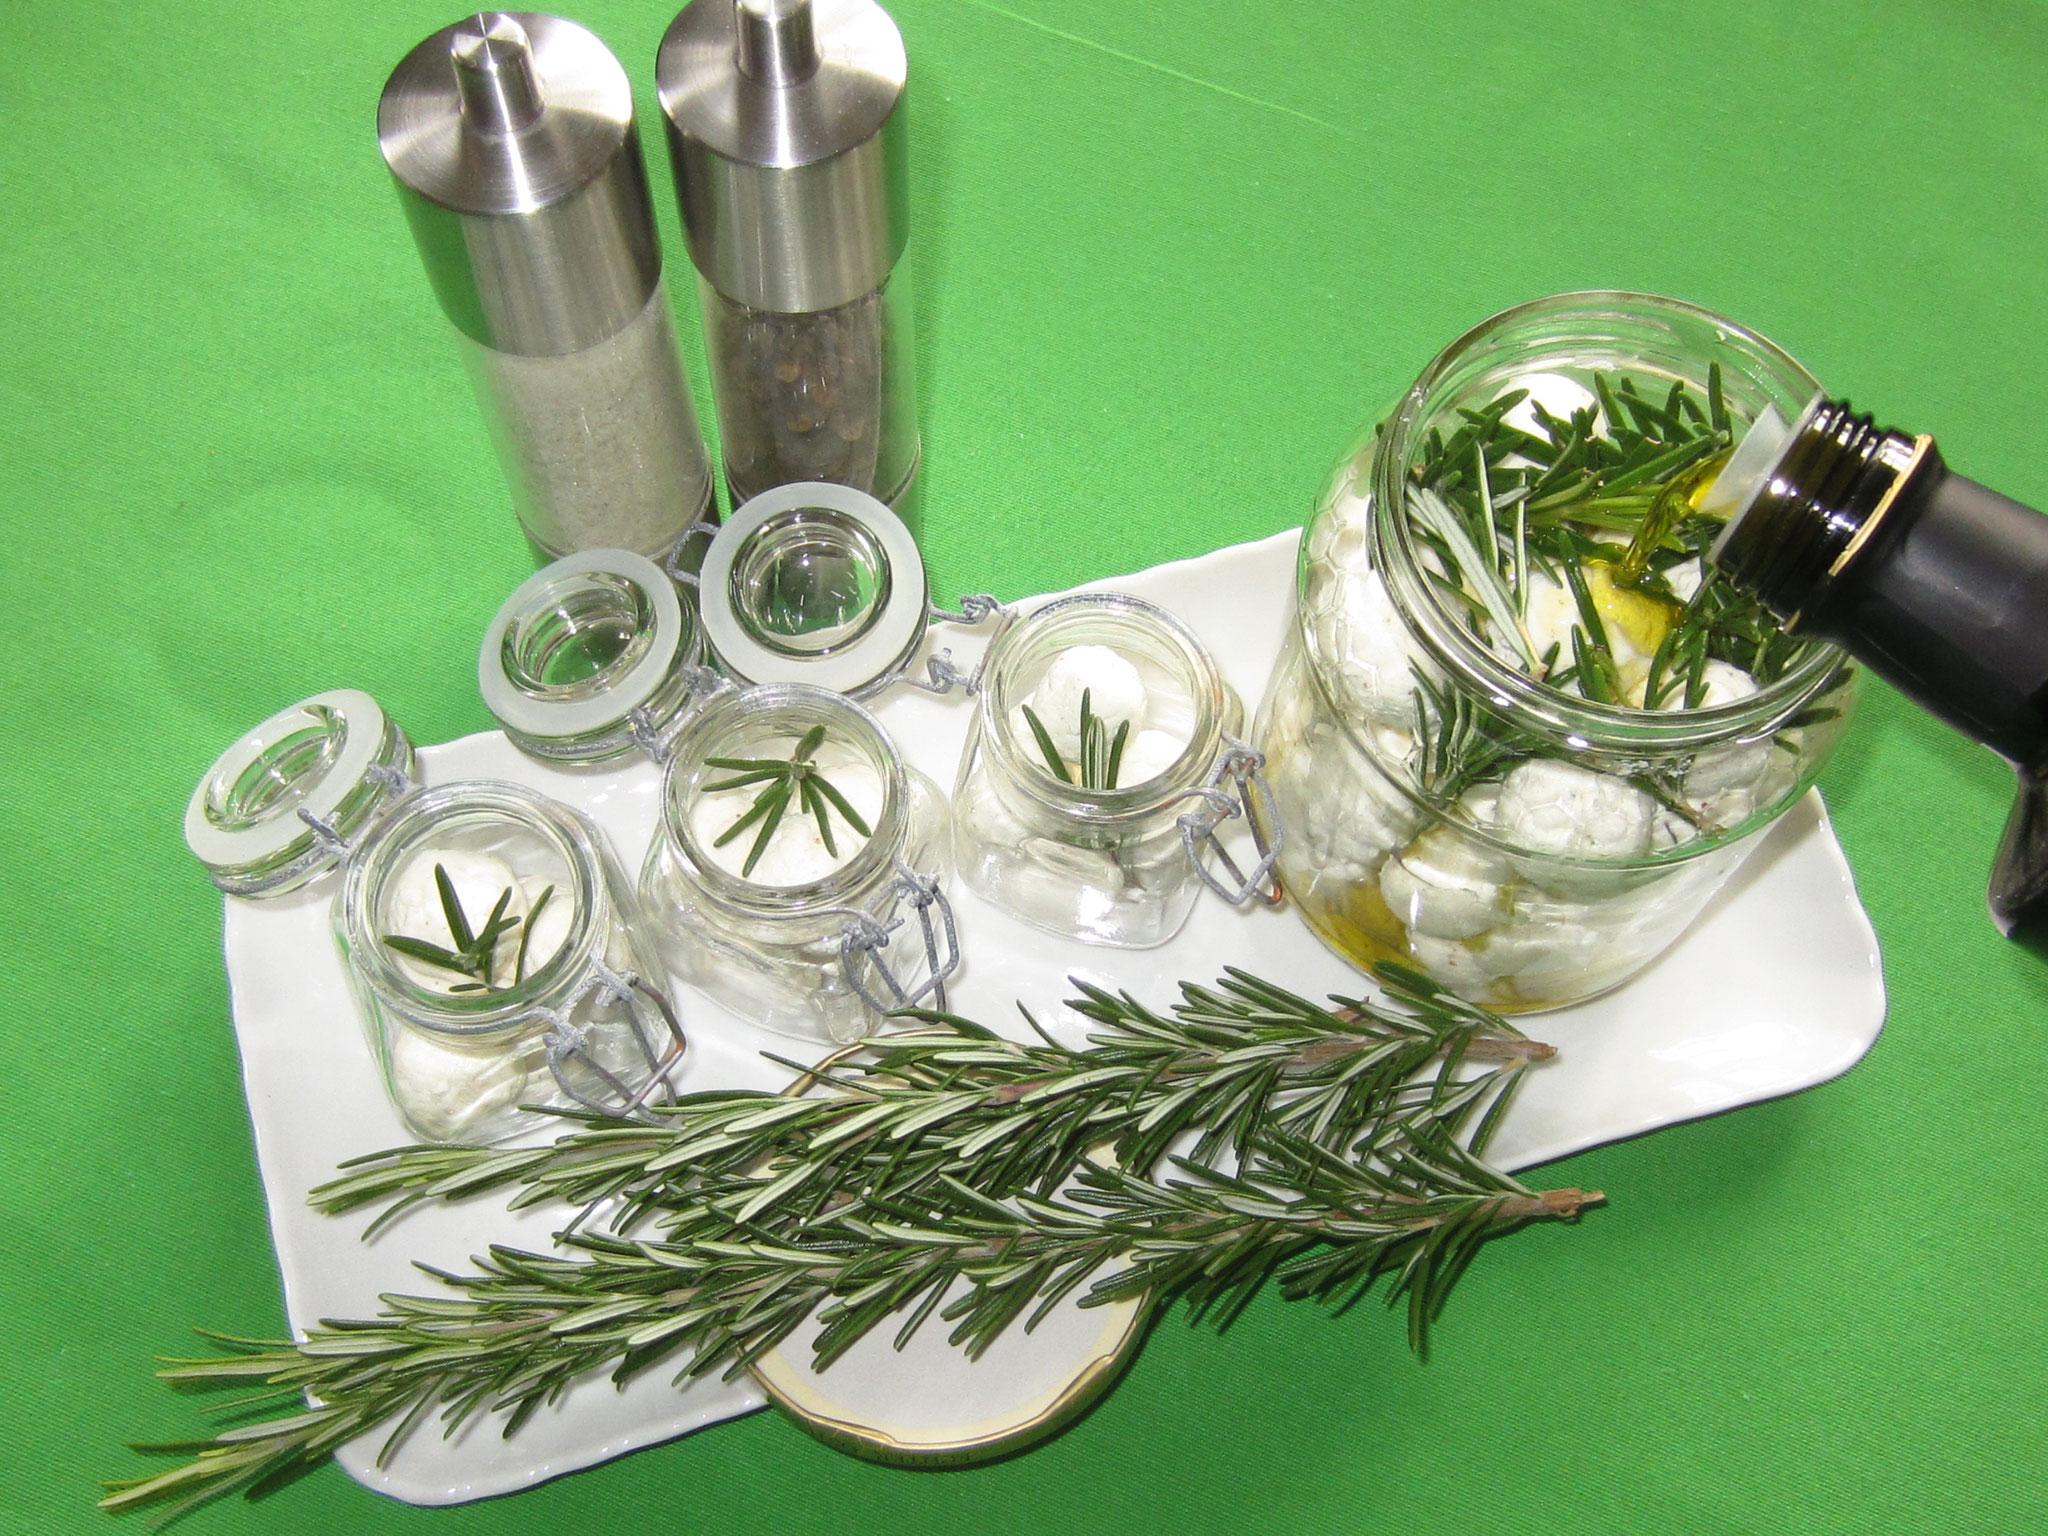 und mit olivenöl aufgießen, sodass sie schön bedeckt sind. hält im kühlschrank gut ein bis zwei monate!